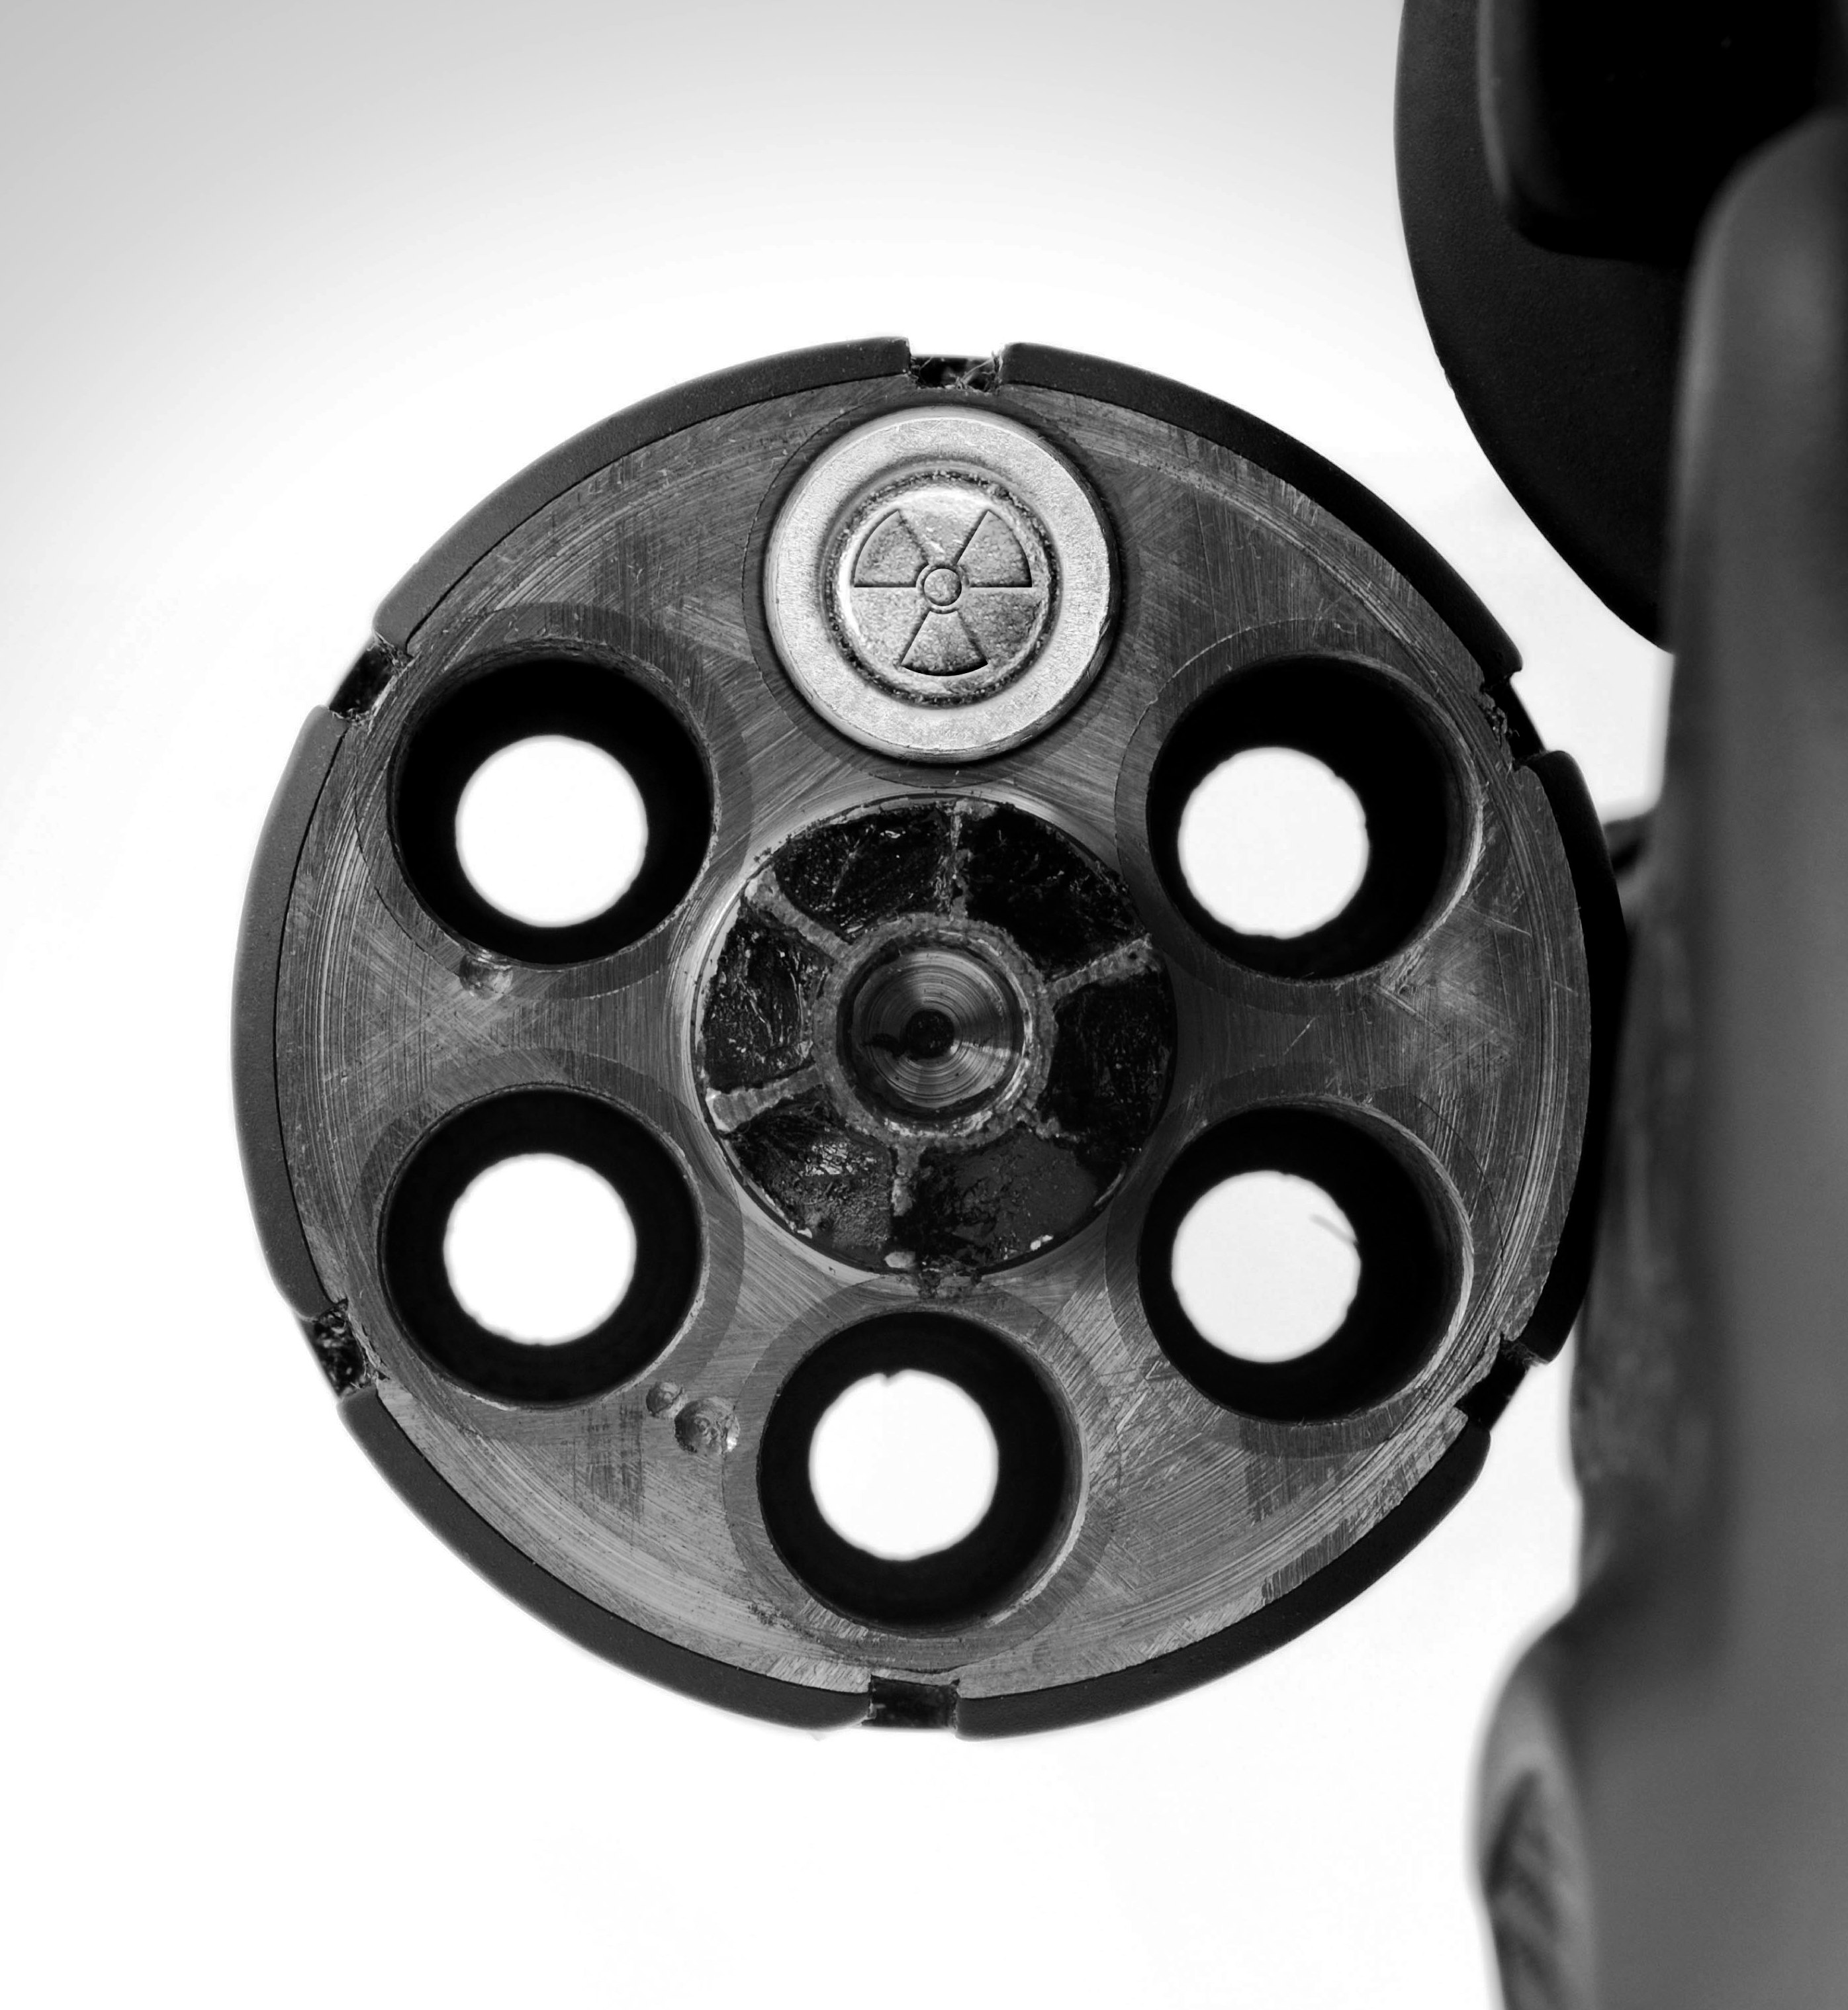 la roulette russa